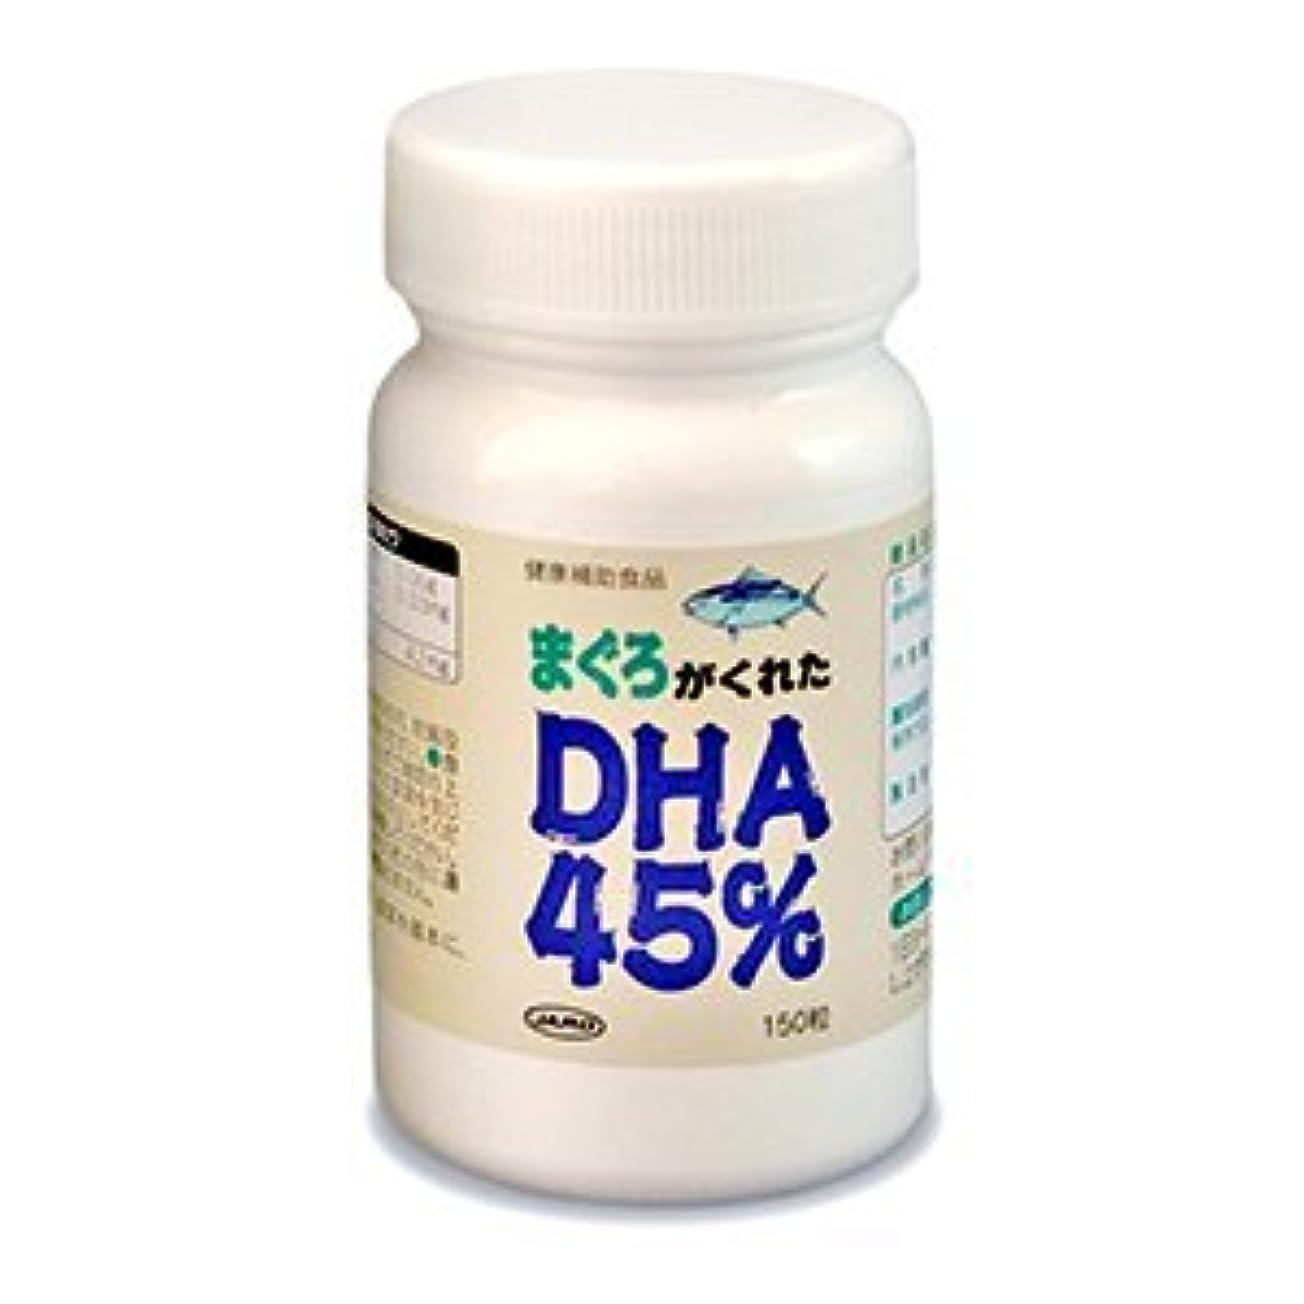 セッションボイド接地まぐろがくれたDHA45% 150粒(約1ヶ月分)